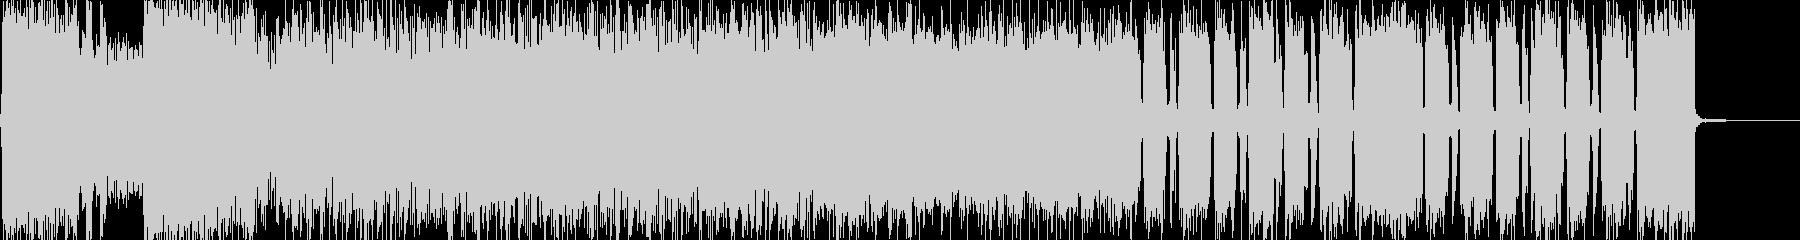 生演奏 激ロック/メタル怒り憤り興奮の未再生の波形